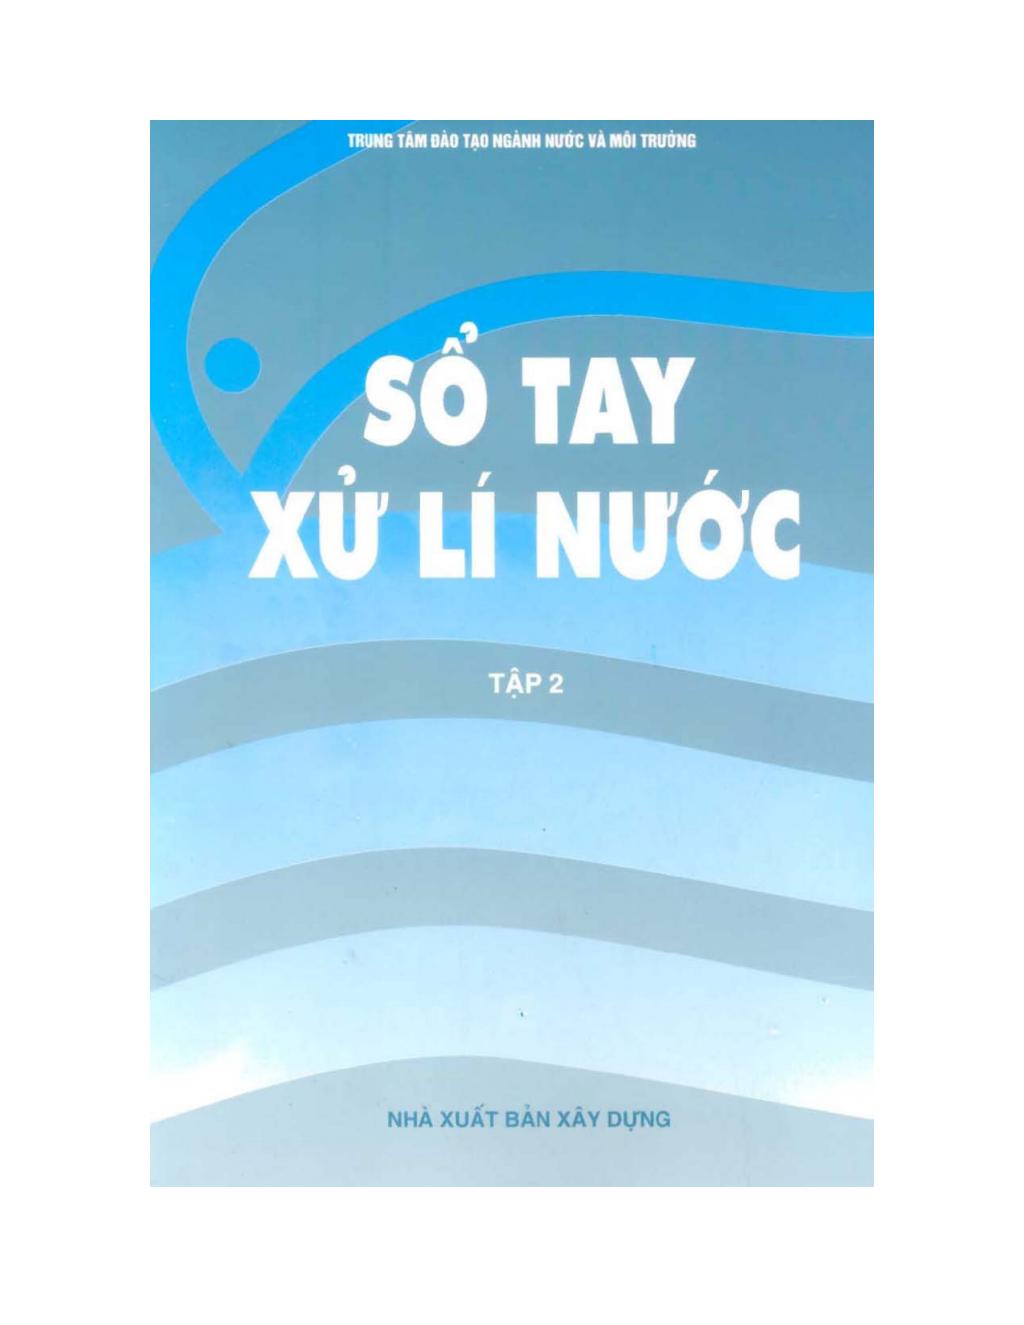 Sổ tay quản lý nước (Tập 2): Phần 1